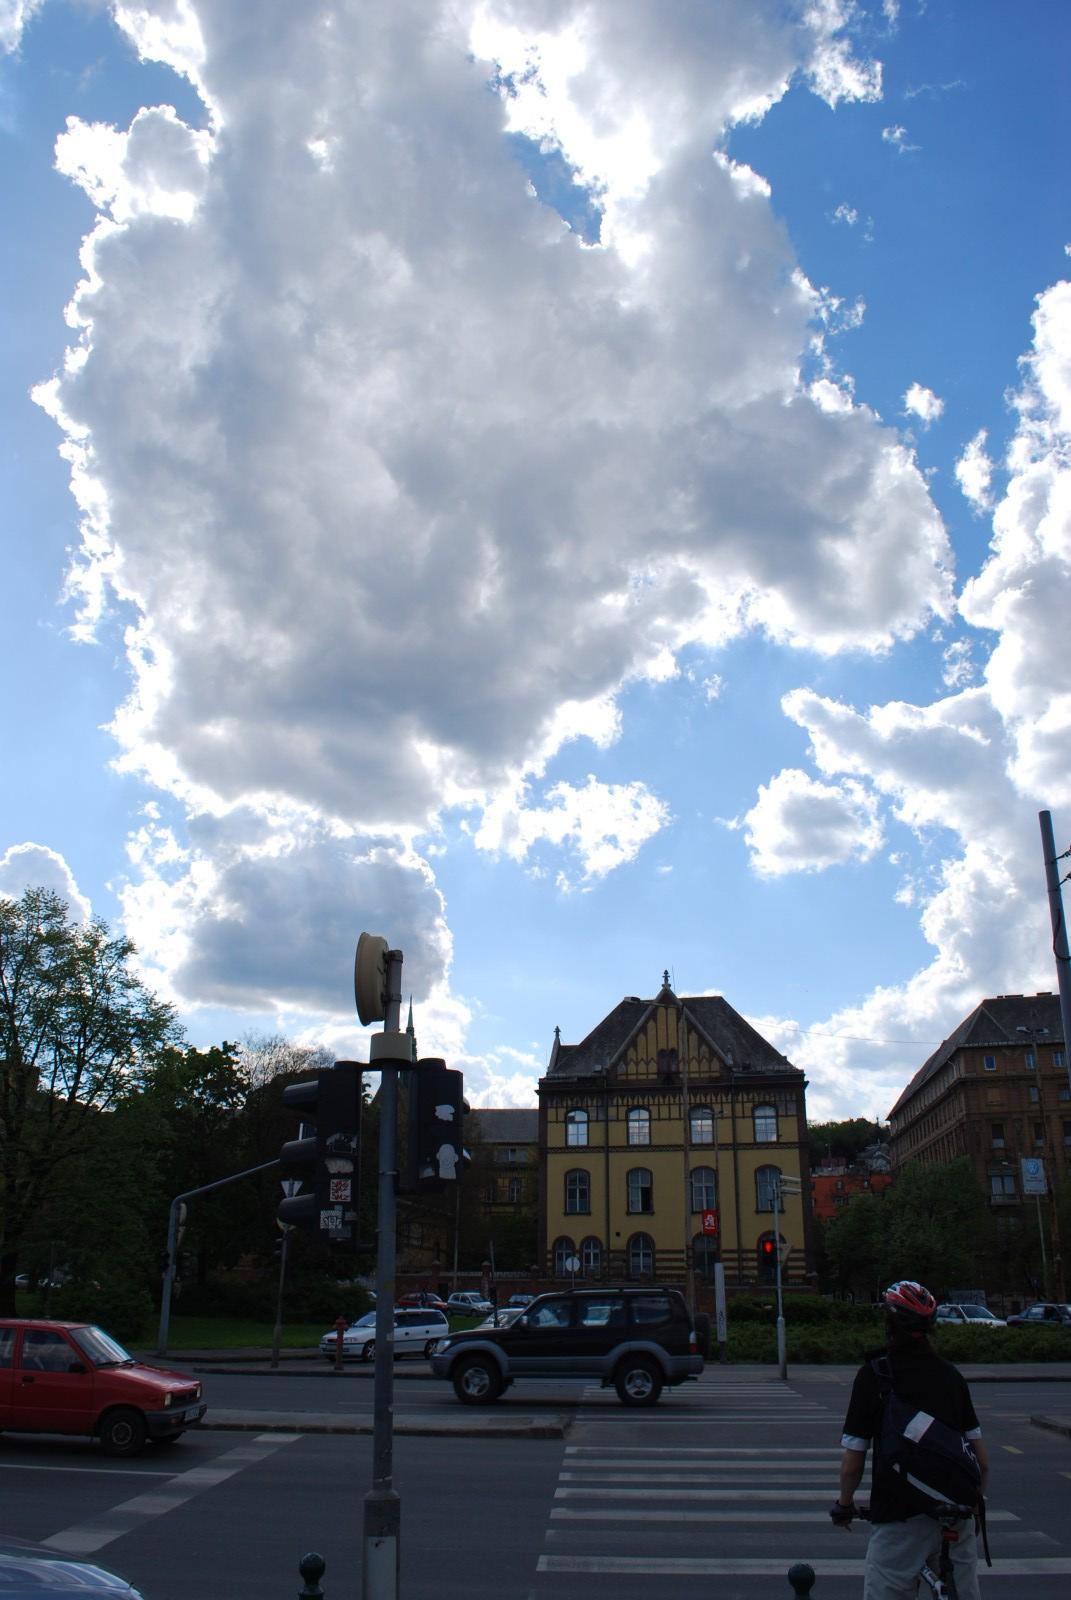 DSC 1733 cloud porn